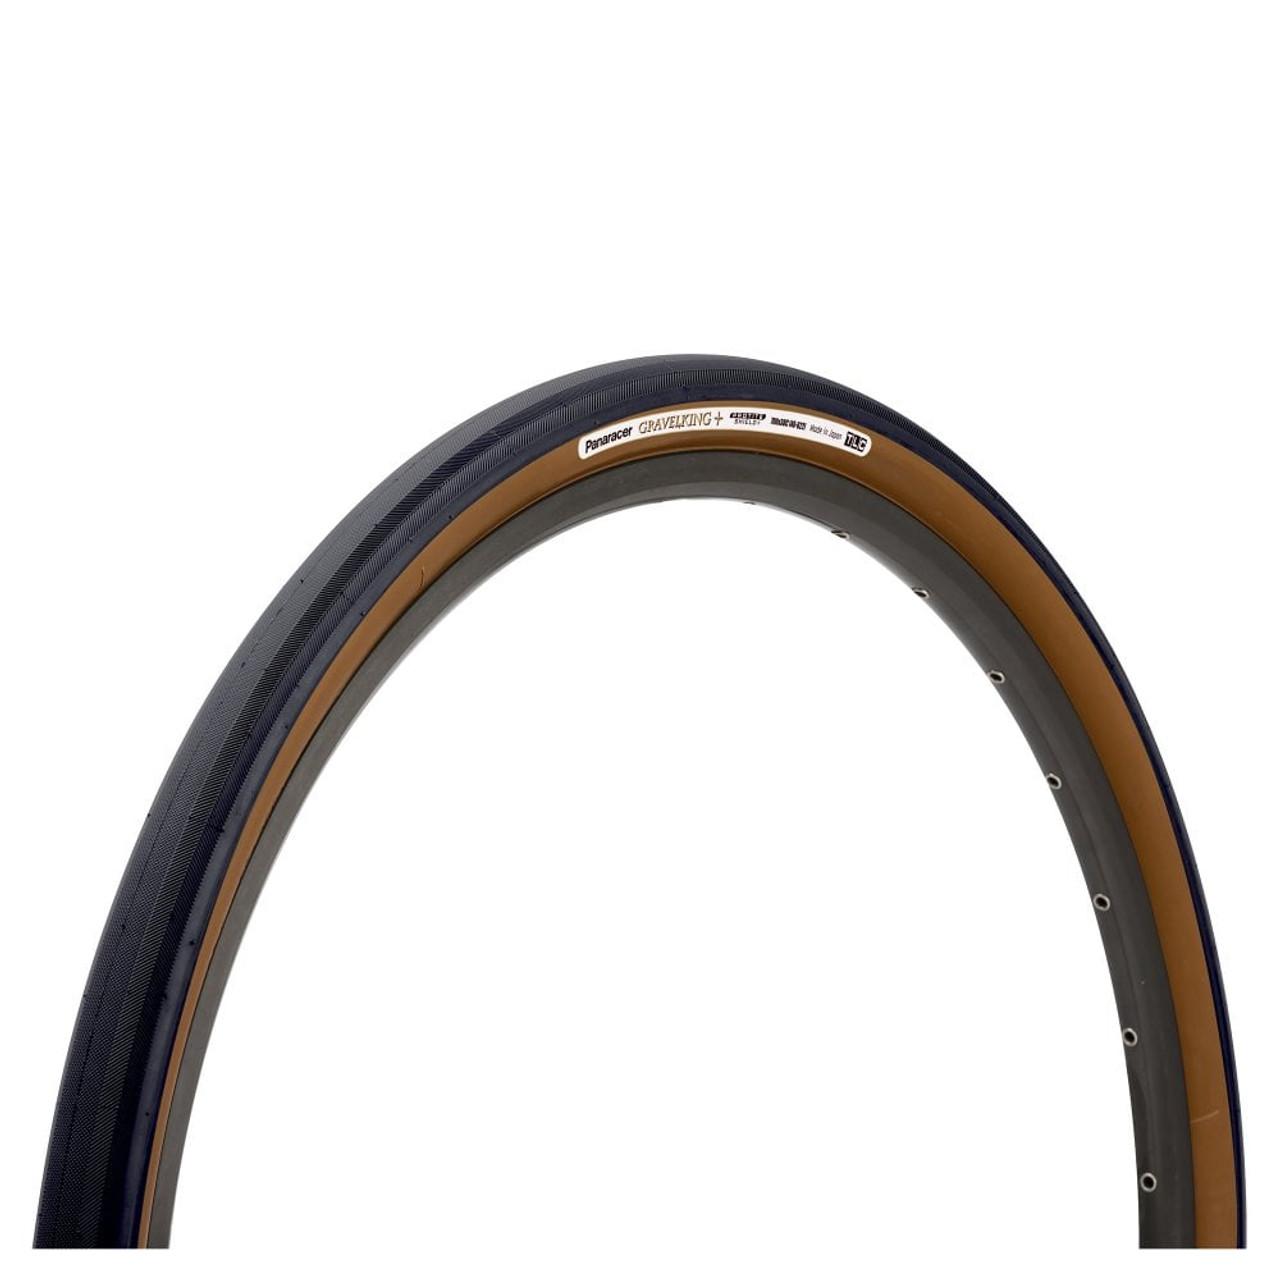 Panaracer GravelKing Slick+ Folding Tyre In Black/Brown All Sizes